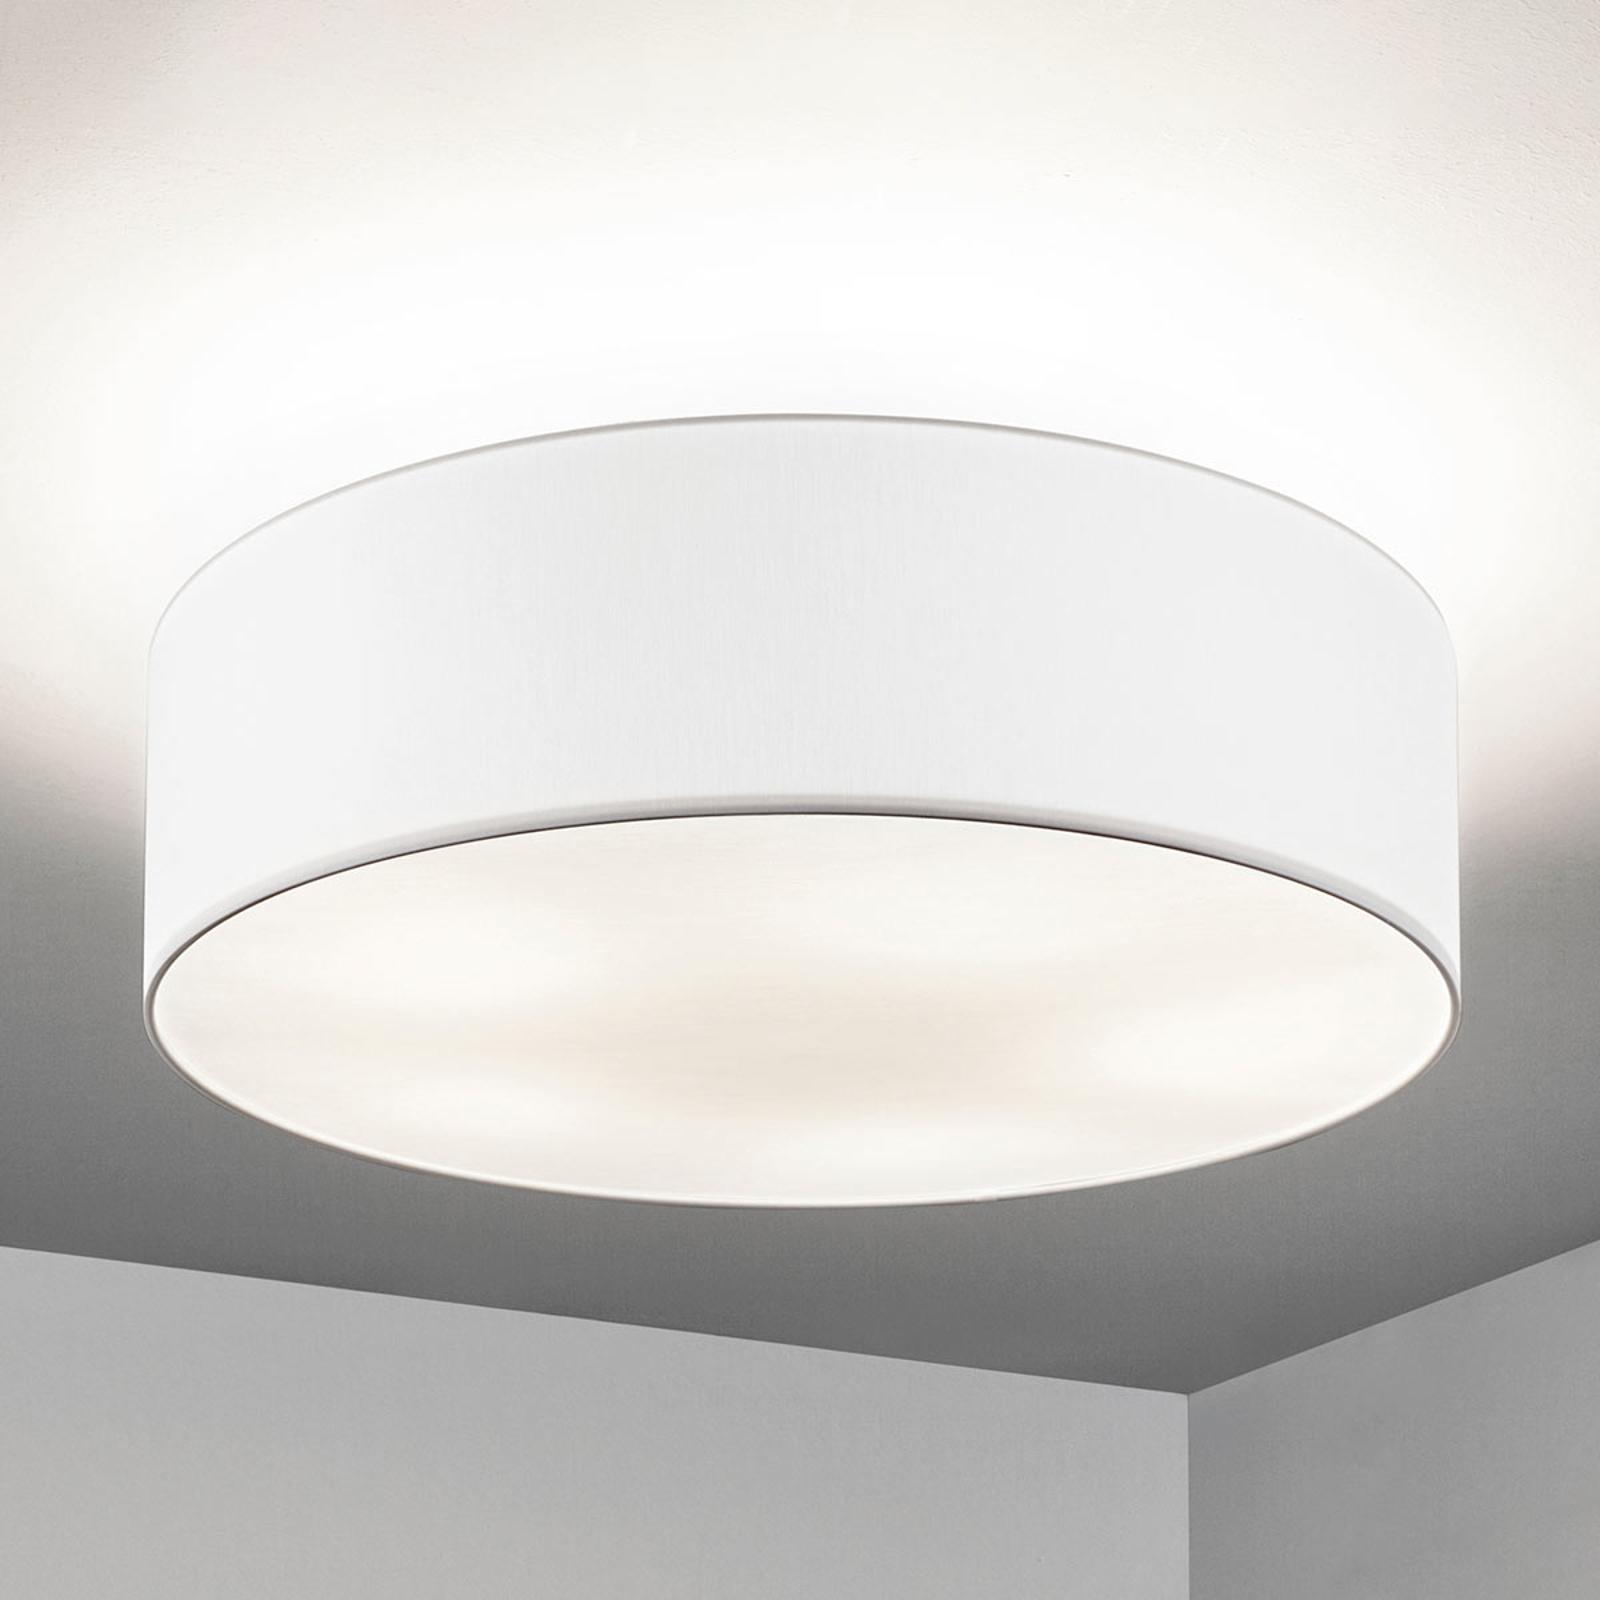 Gala-kattovalo, 60 cm, valkoinen sintsi